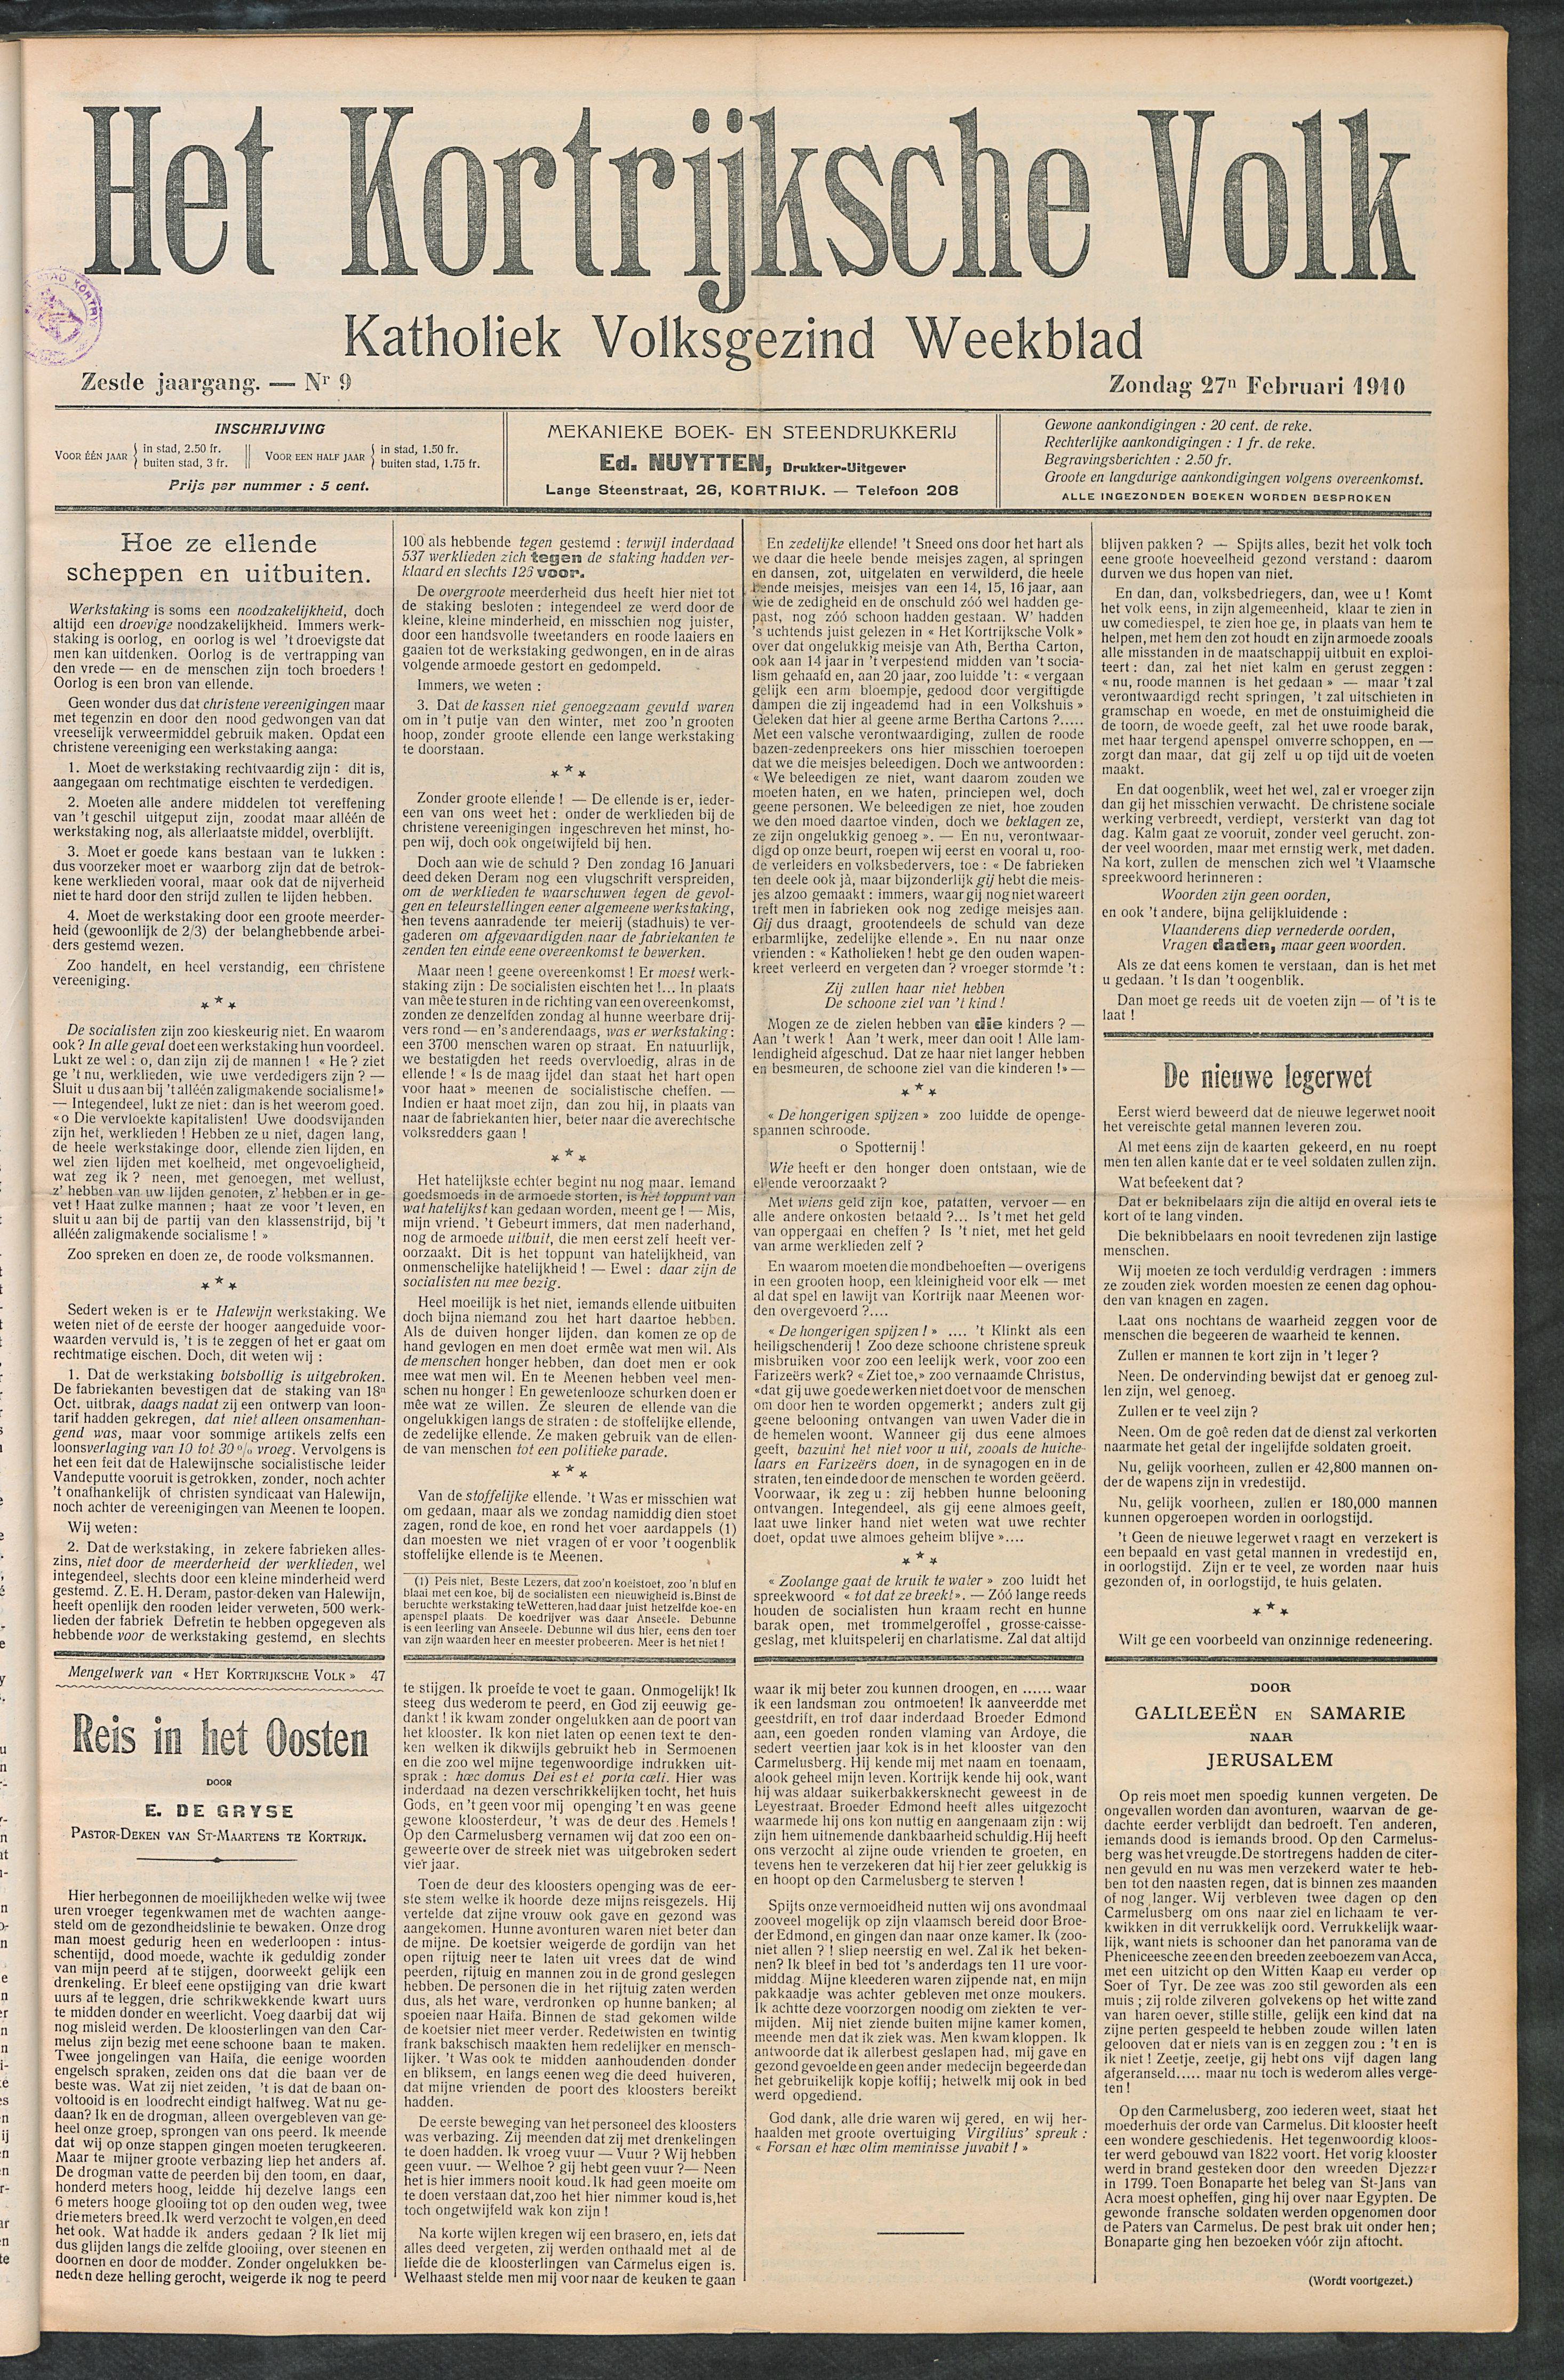 Het Kortrijksche Volk 1910-02-27 p1